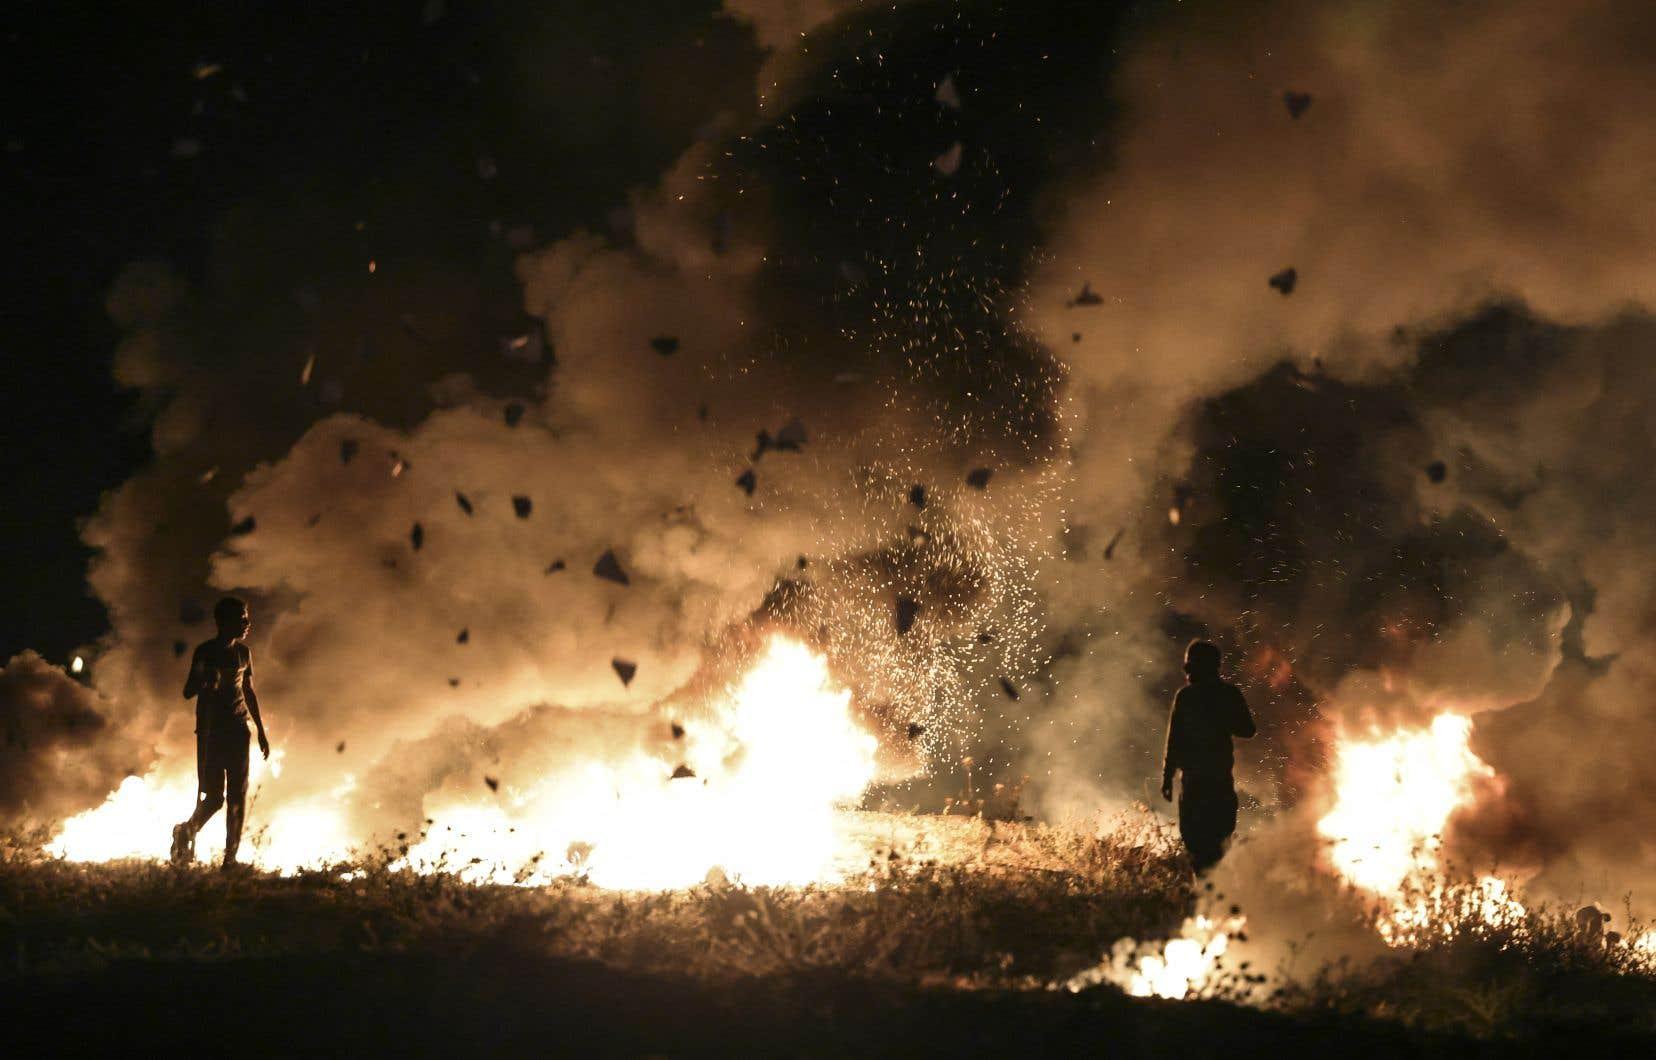 Les forces de l'ordre israéliennes ont utilisé des grenades assourdissantes, des balles en caoutchouc et aussi un canon à eau putride afin de disperser des Palestiniens.